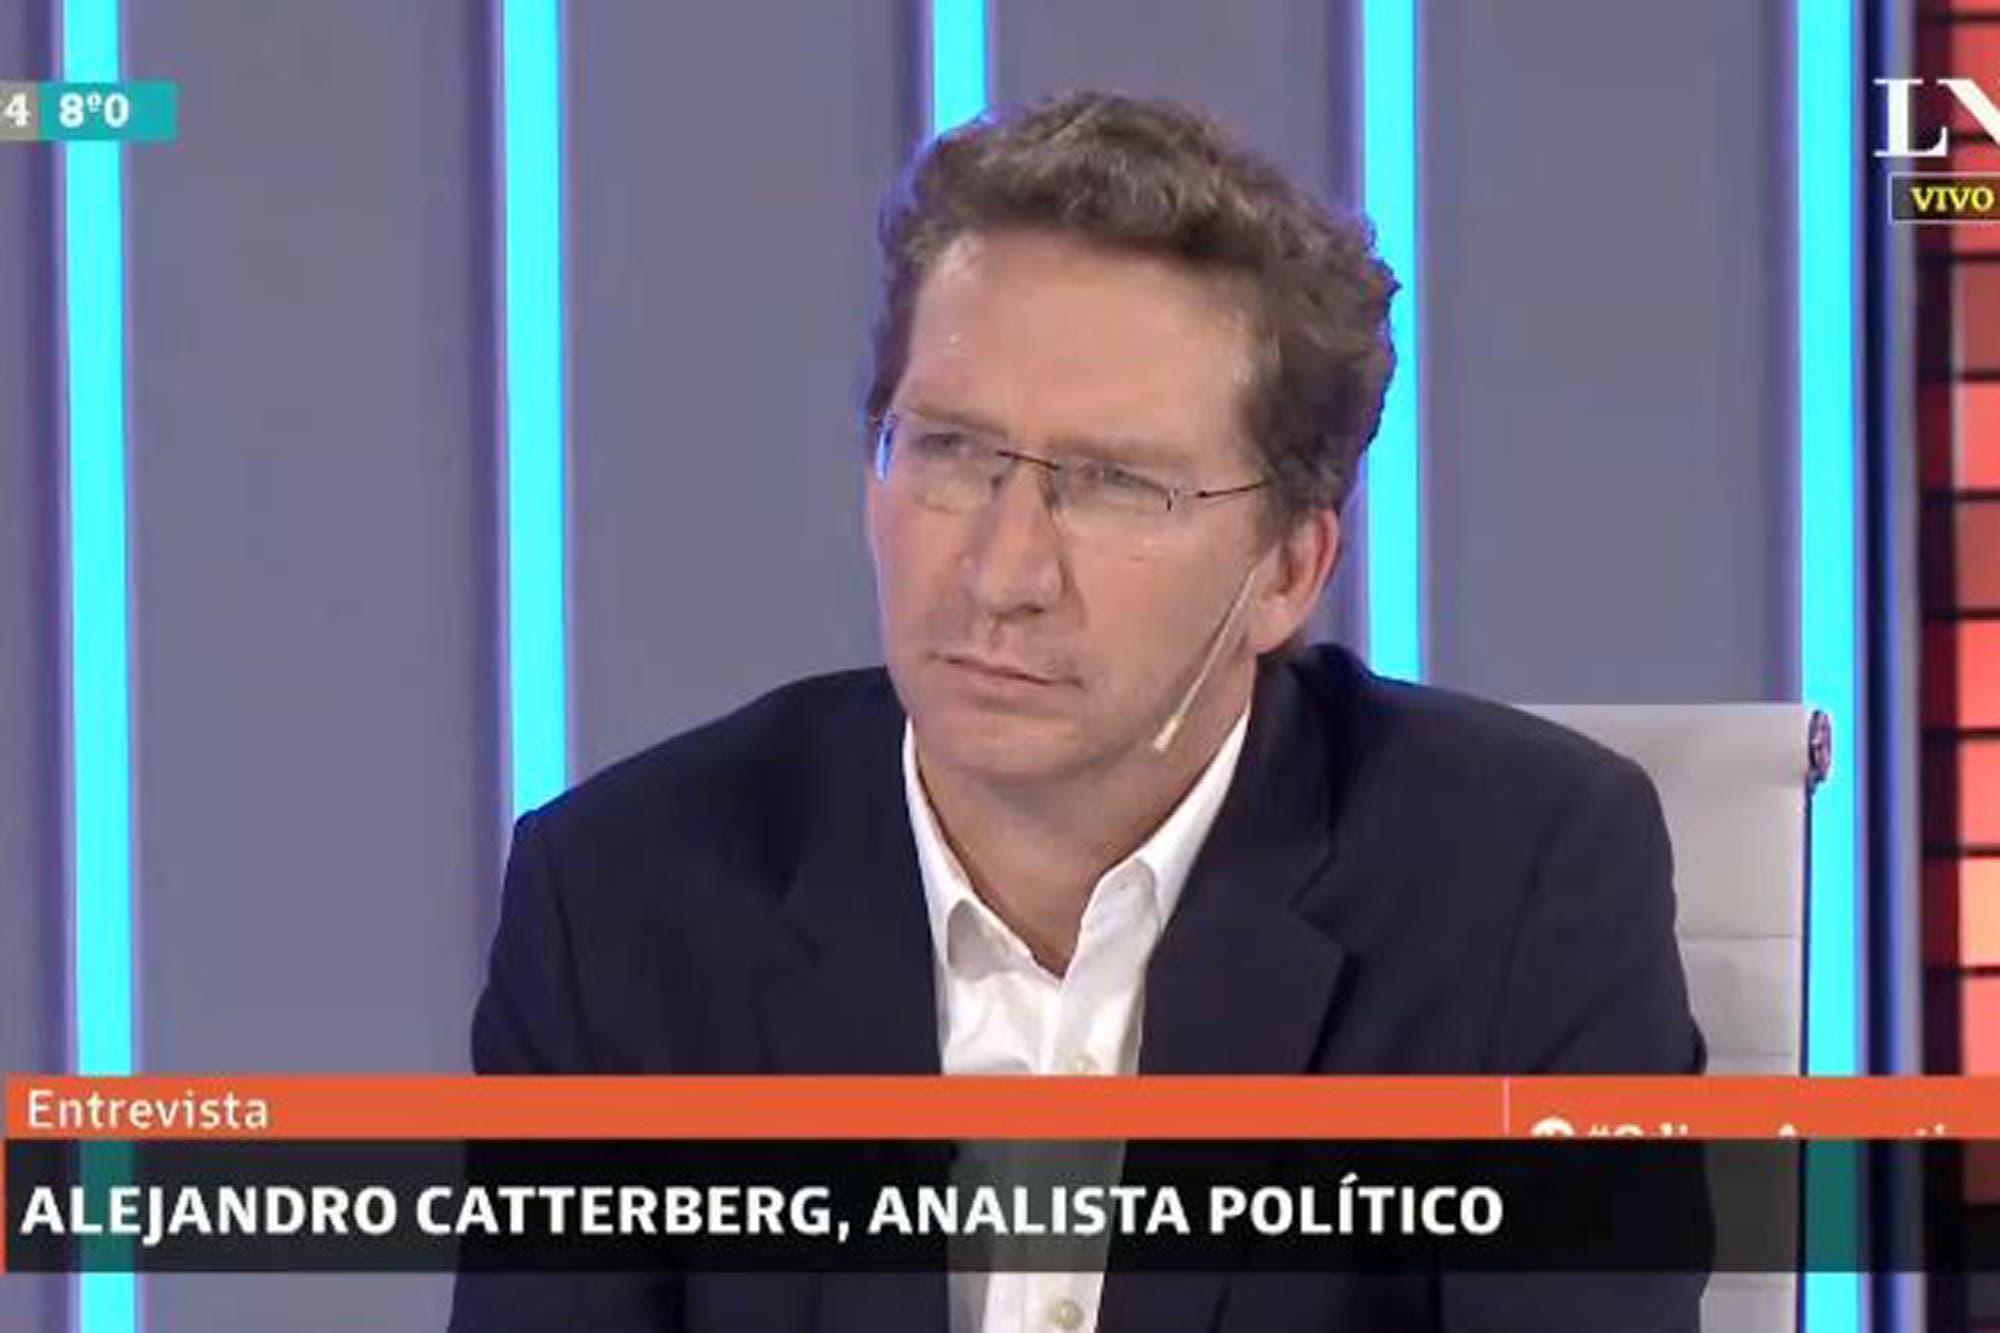 Según Alejandro Catterberg, las encuestadoras tradicionales se están retirando del debate público